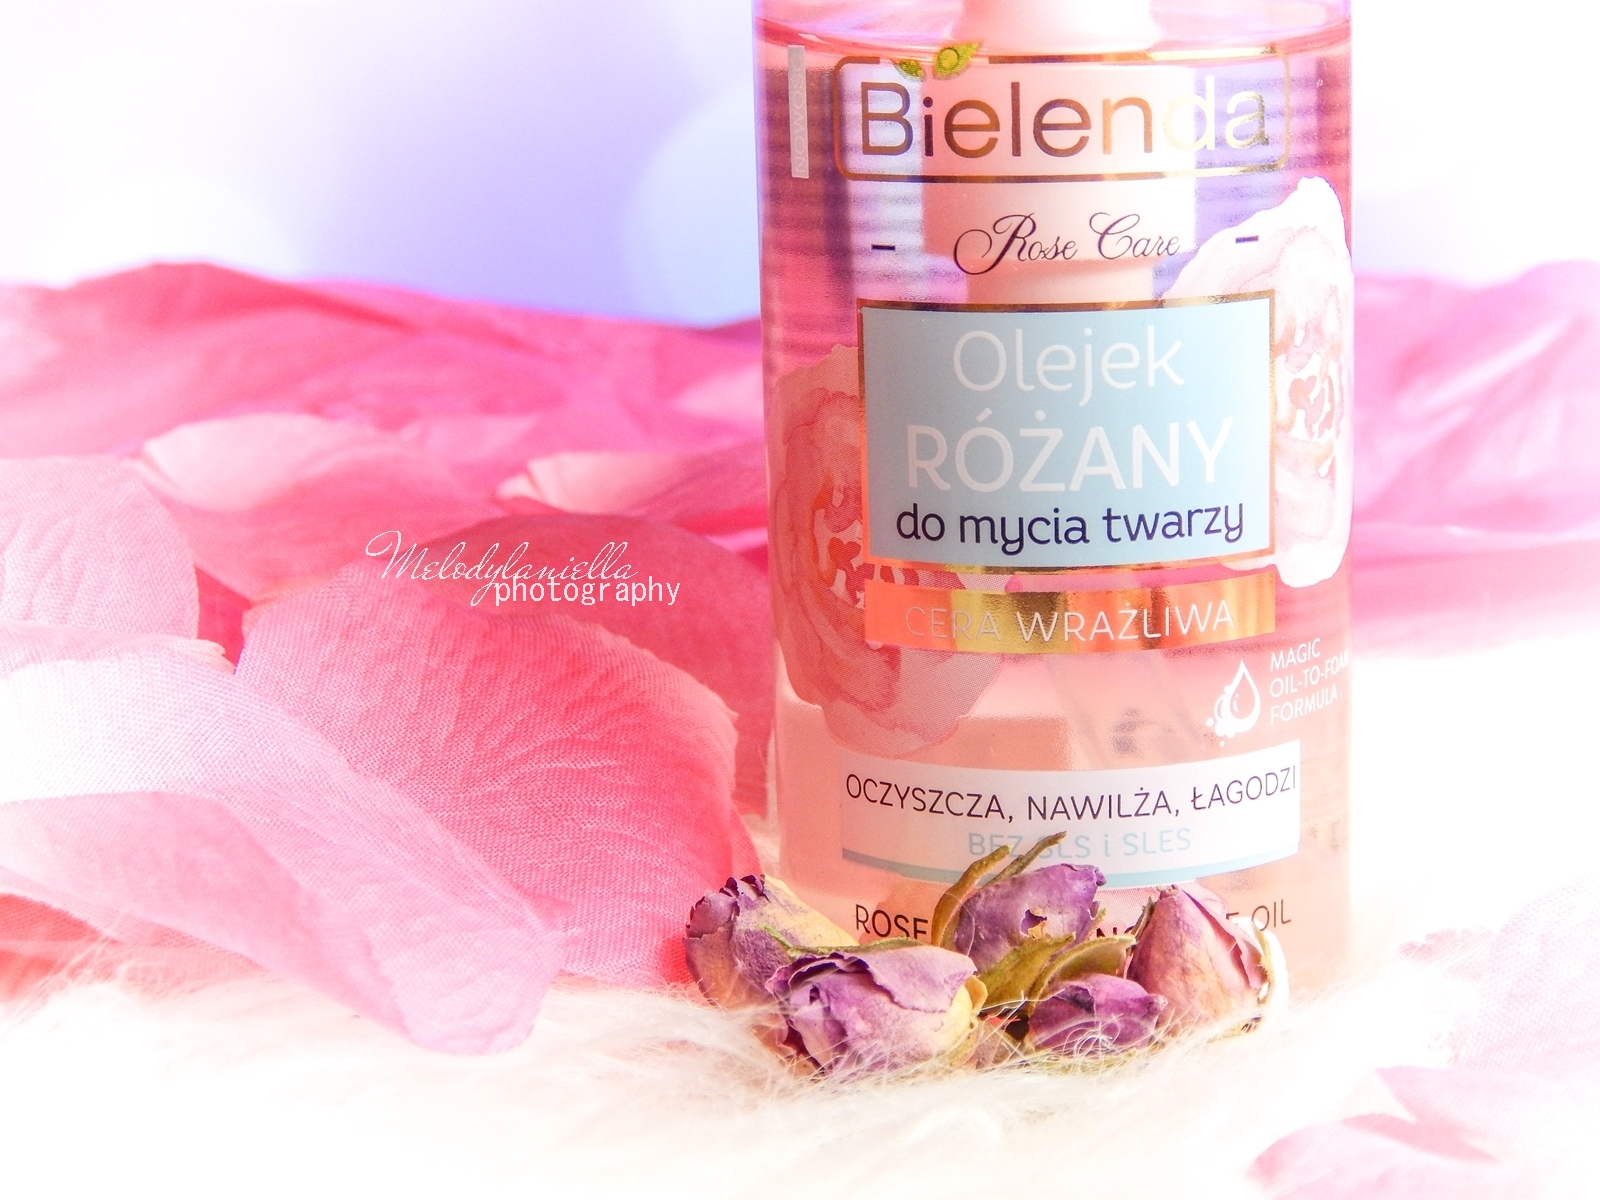 10 Bielenda rose care różany krem do twarzy recenzja kojąca woda różana 3w1 olejek różany do mycia twarzy produkty bielenda seria różana melodylaniella test produktów kosmetycznych ciekawe blogi lifestyle